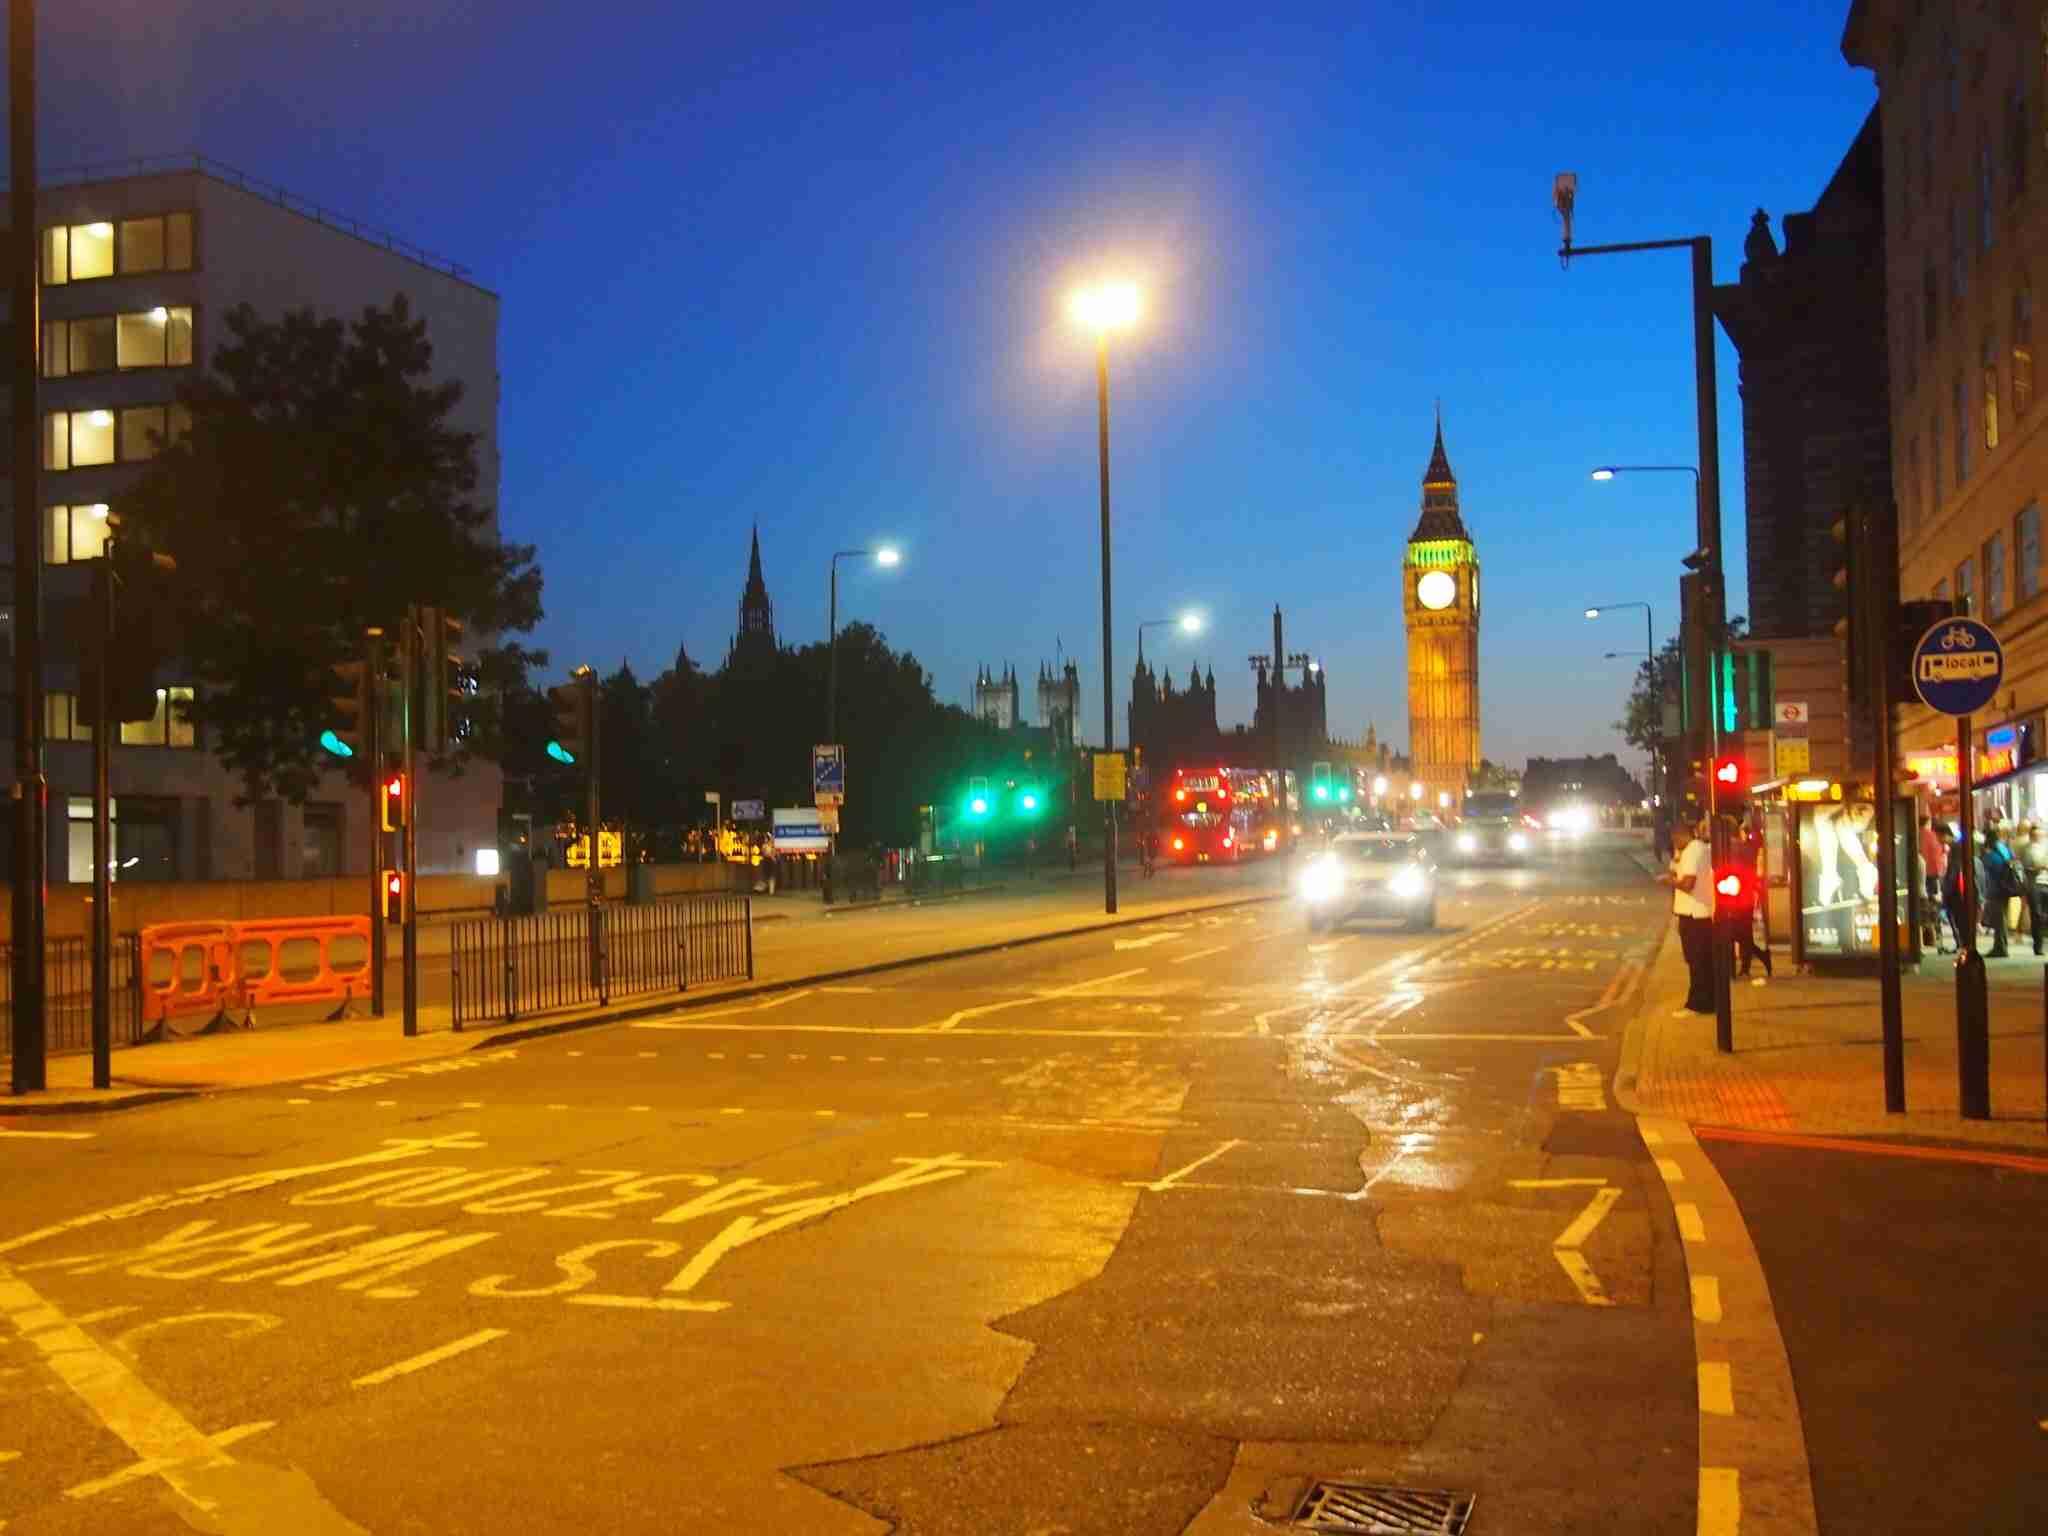 ロンドン旅、教えてください